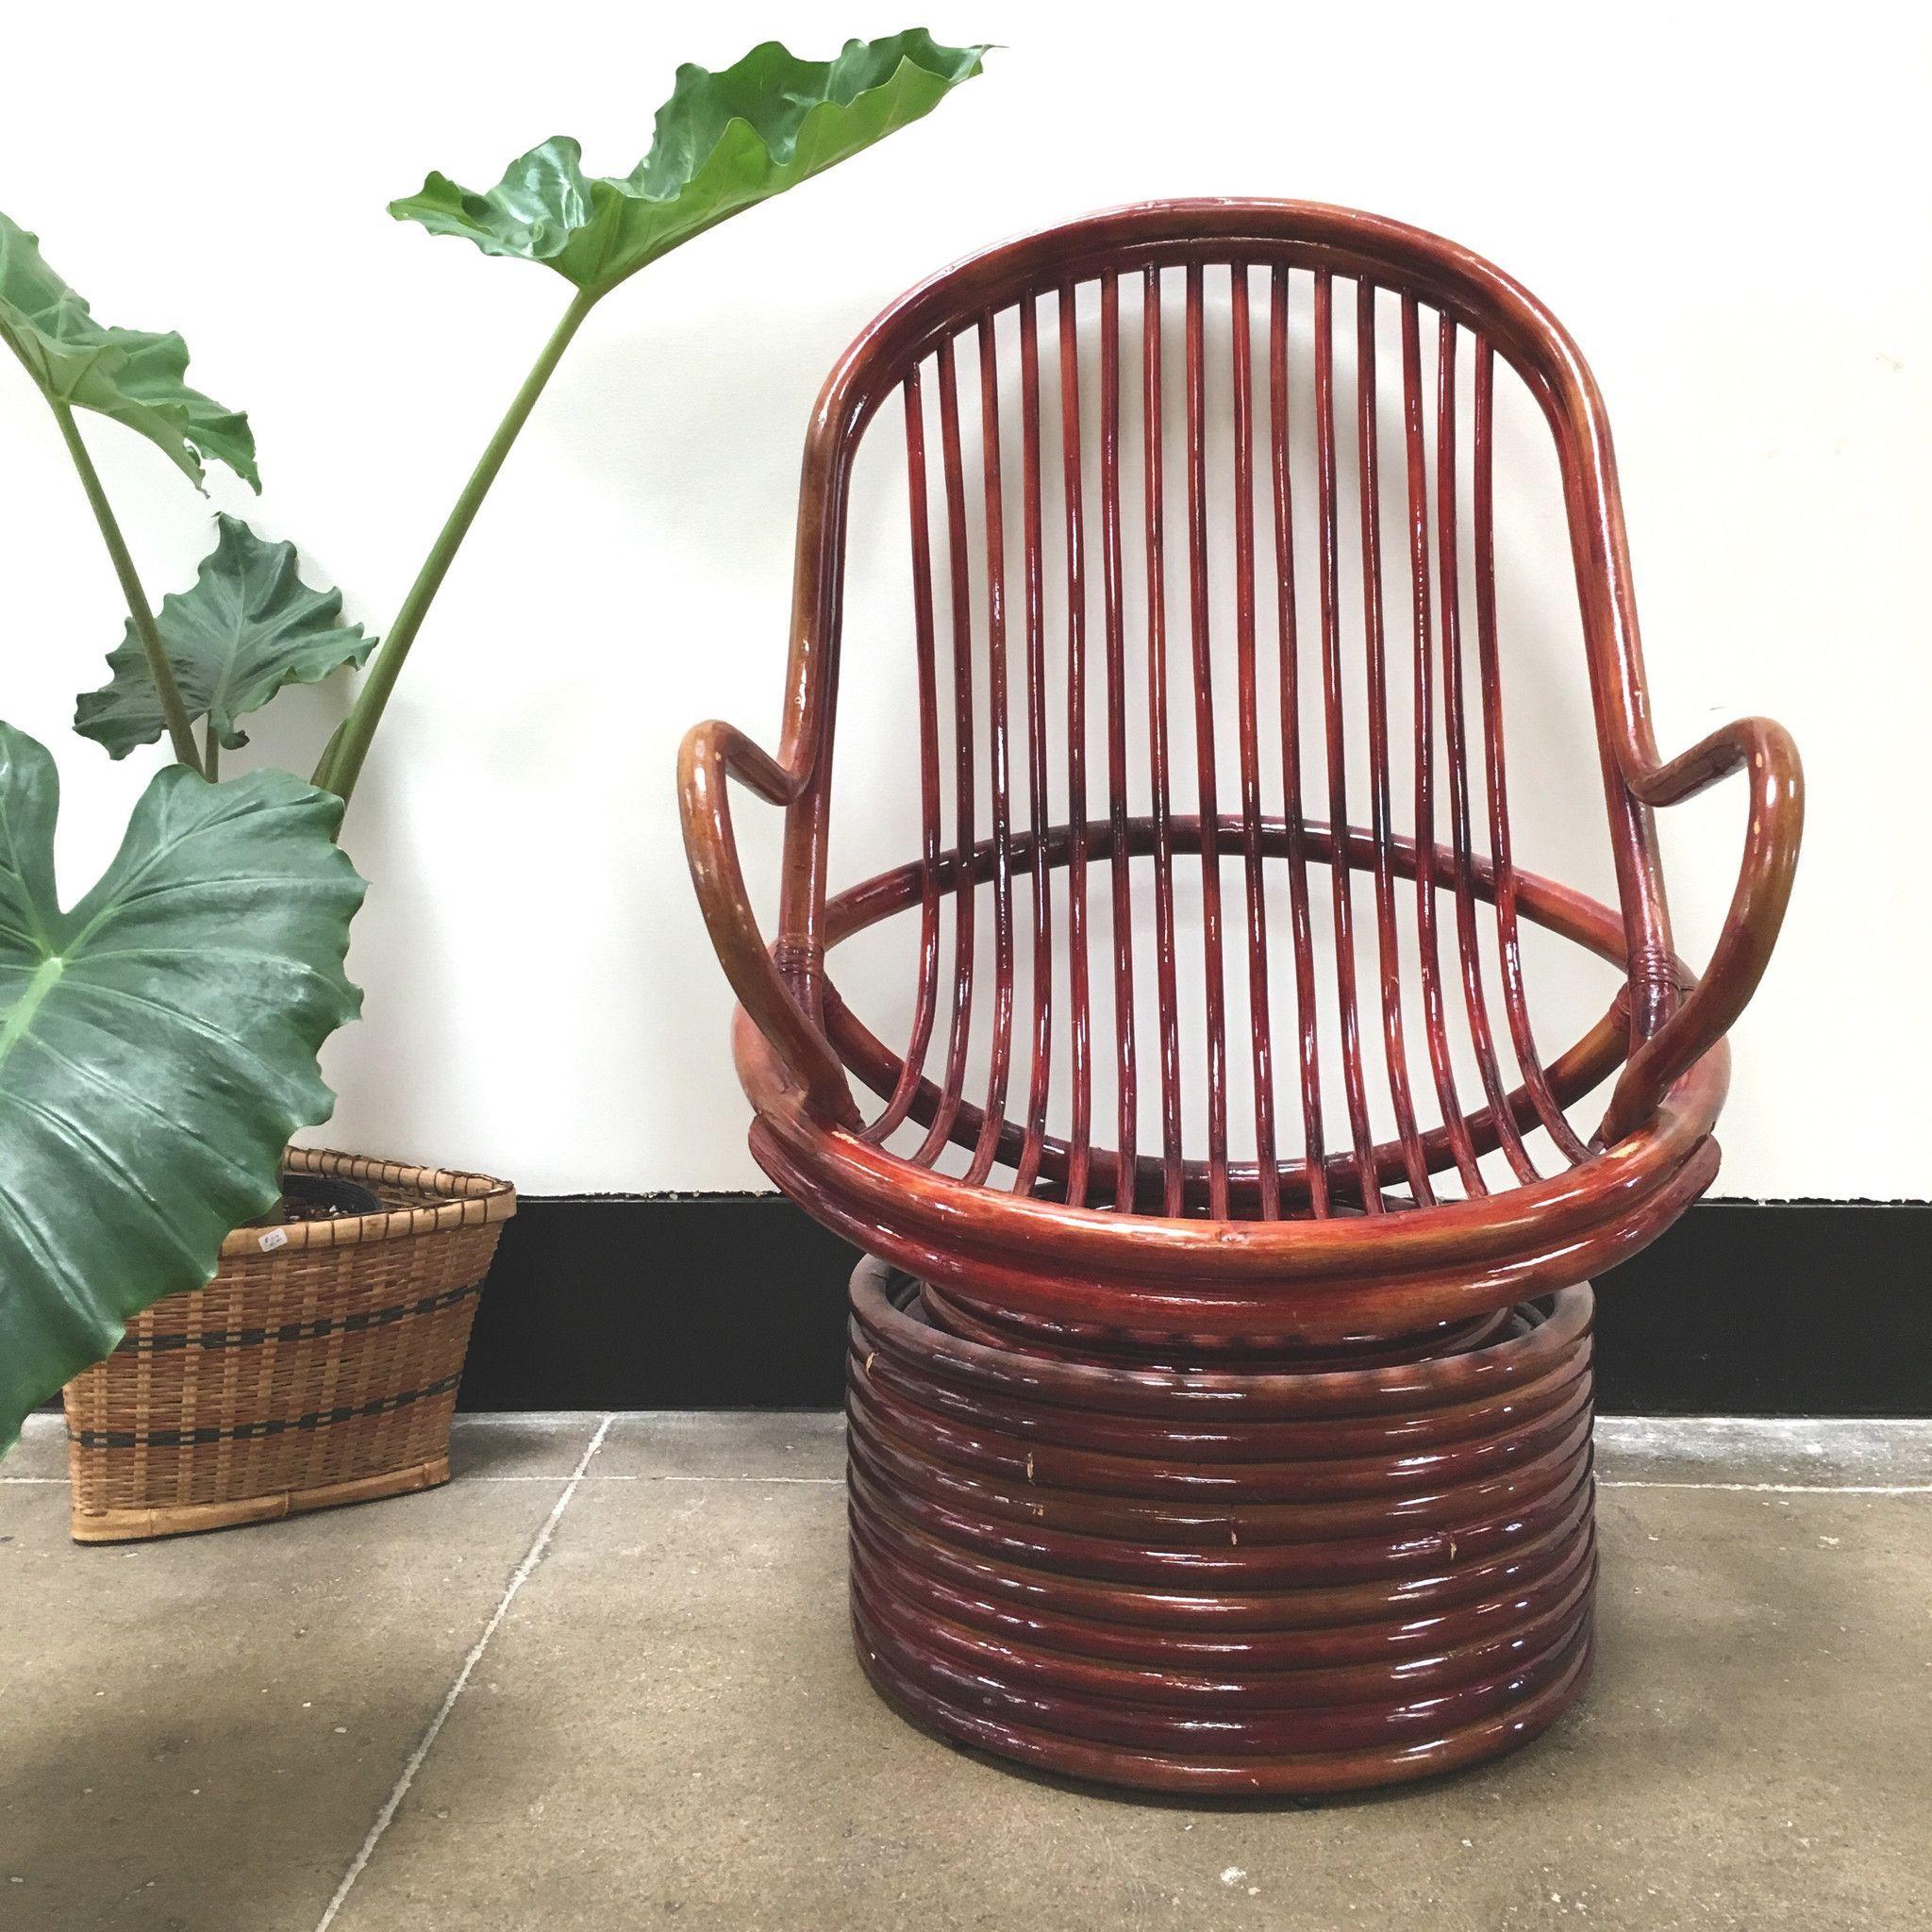 Marvelous Bamboo Swivel Egg Chair Furniture Egg Chair Chair Pabps2019 Chair Design Images Pabps2019Com